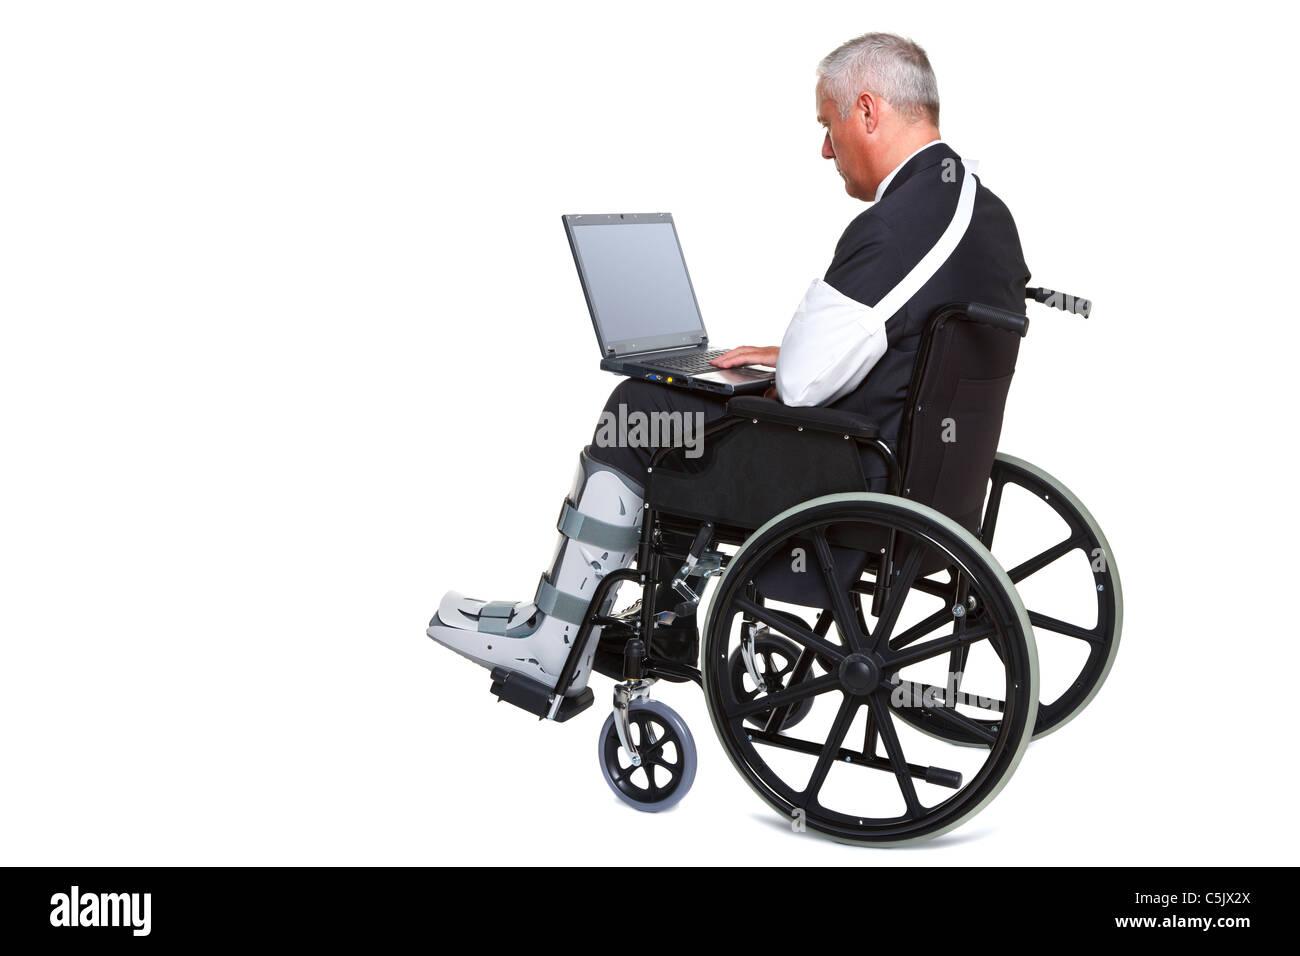 Photo d'un homme blessé dans un fauteuil roulant de travailler sur un ordinateur portable, isolé sur Photo Stock